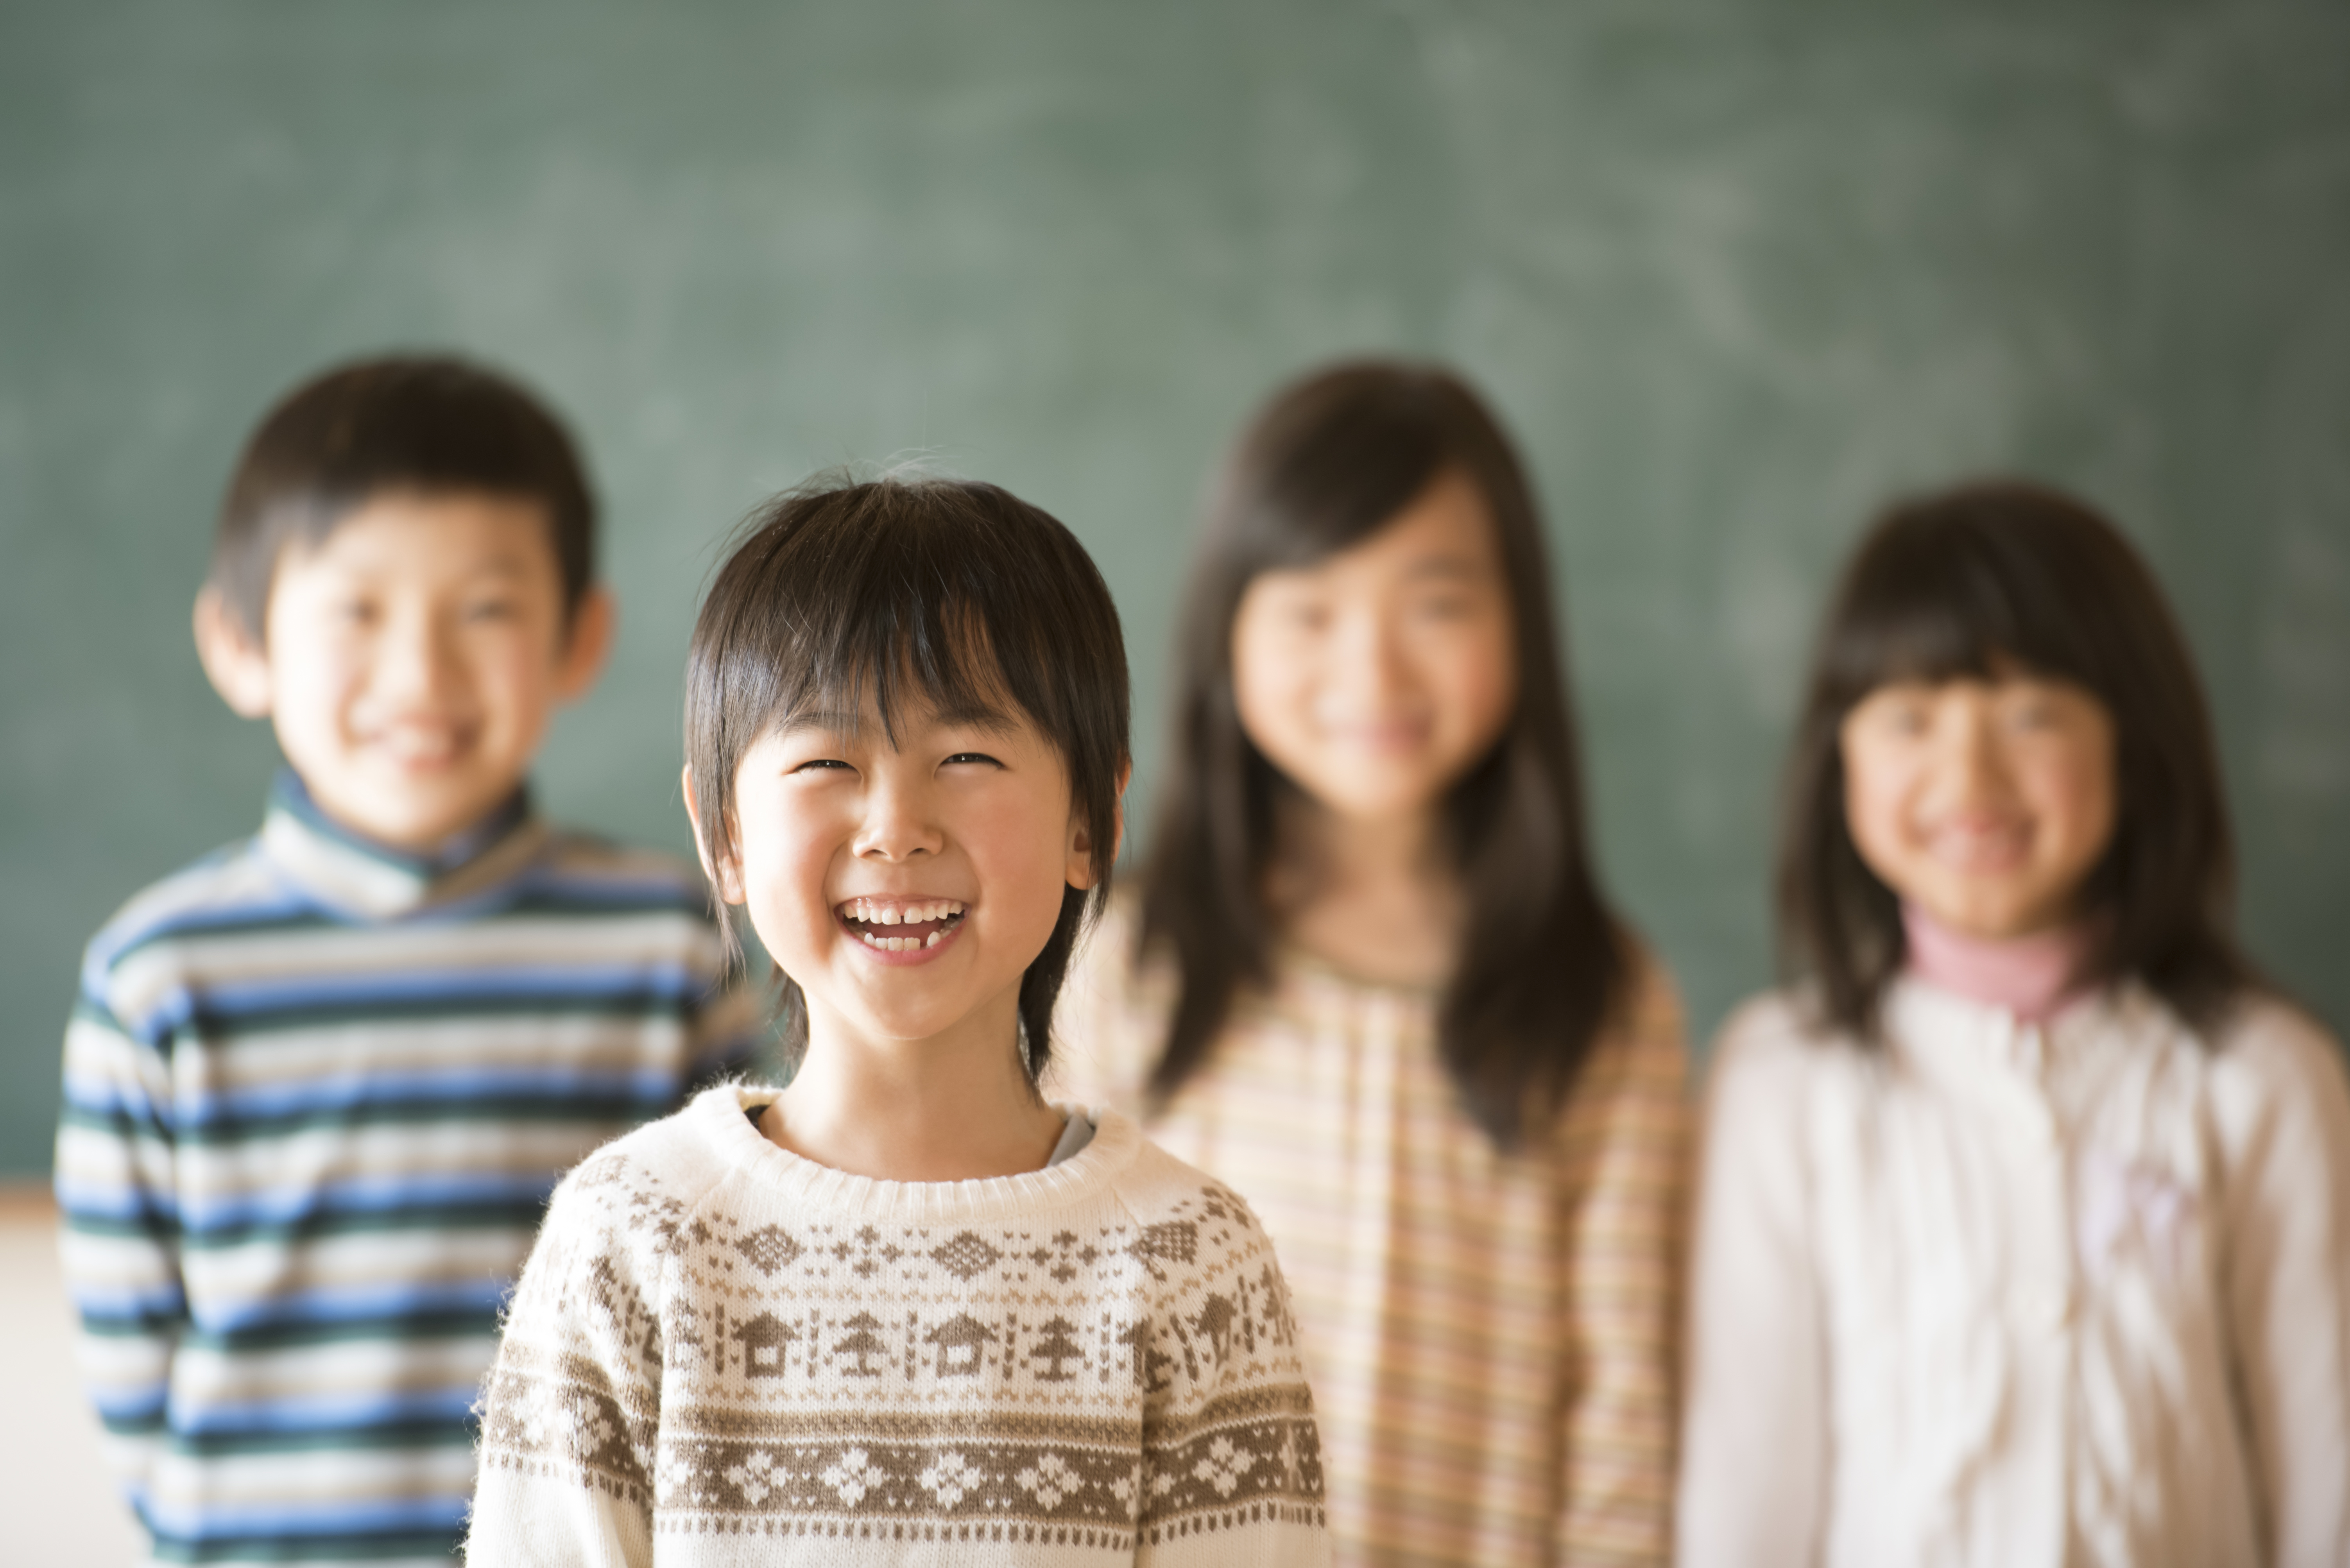 心を満たし、自信を育む学習支援おやつ付き『チャージ!』、自己表現力UP!~パワポトレーニング『パワトレ』